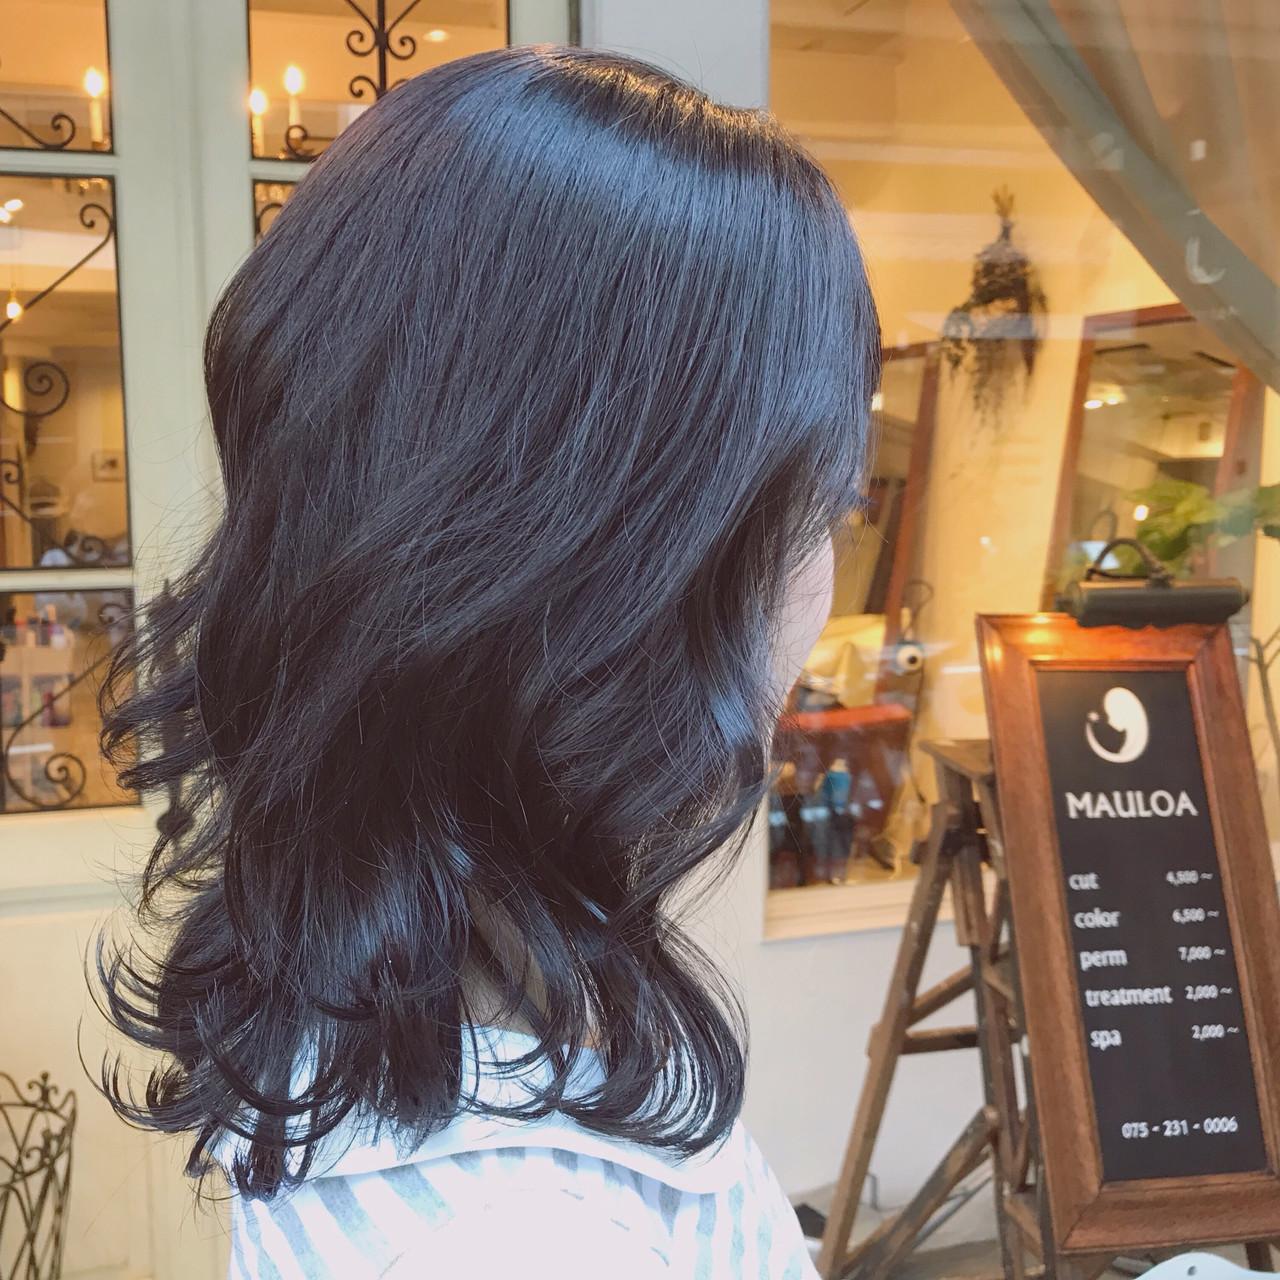 ラベンダーグレージュ ガーリー オフィス パーマ ヘアスタイルや髪型の写真・画像